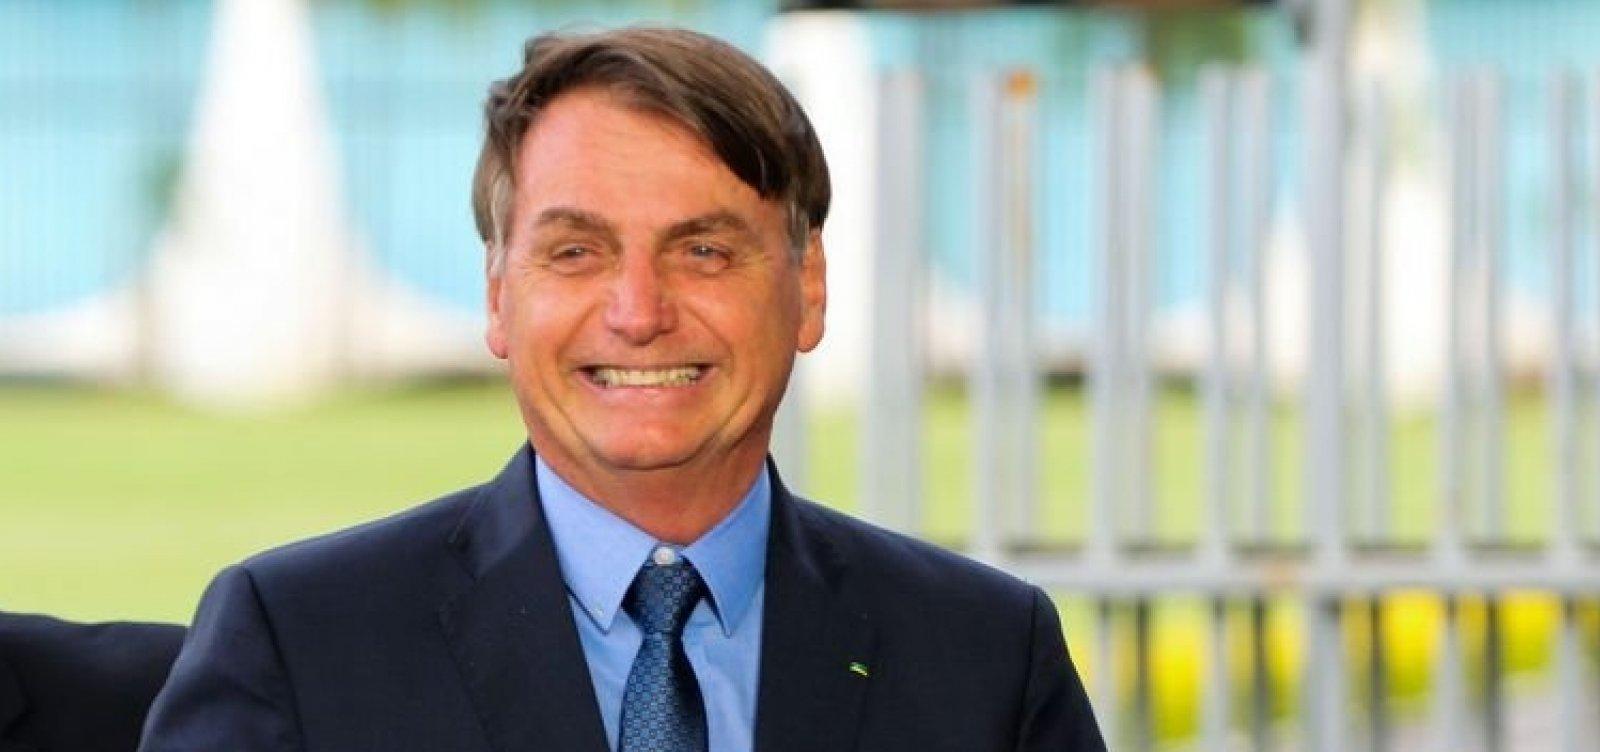 [Bolsonaro é o terceiro chefe de governo mais popular nas redes sociais]